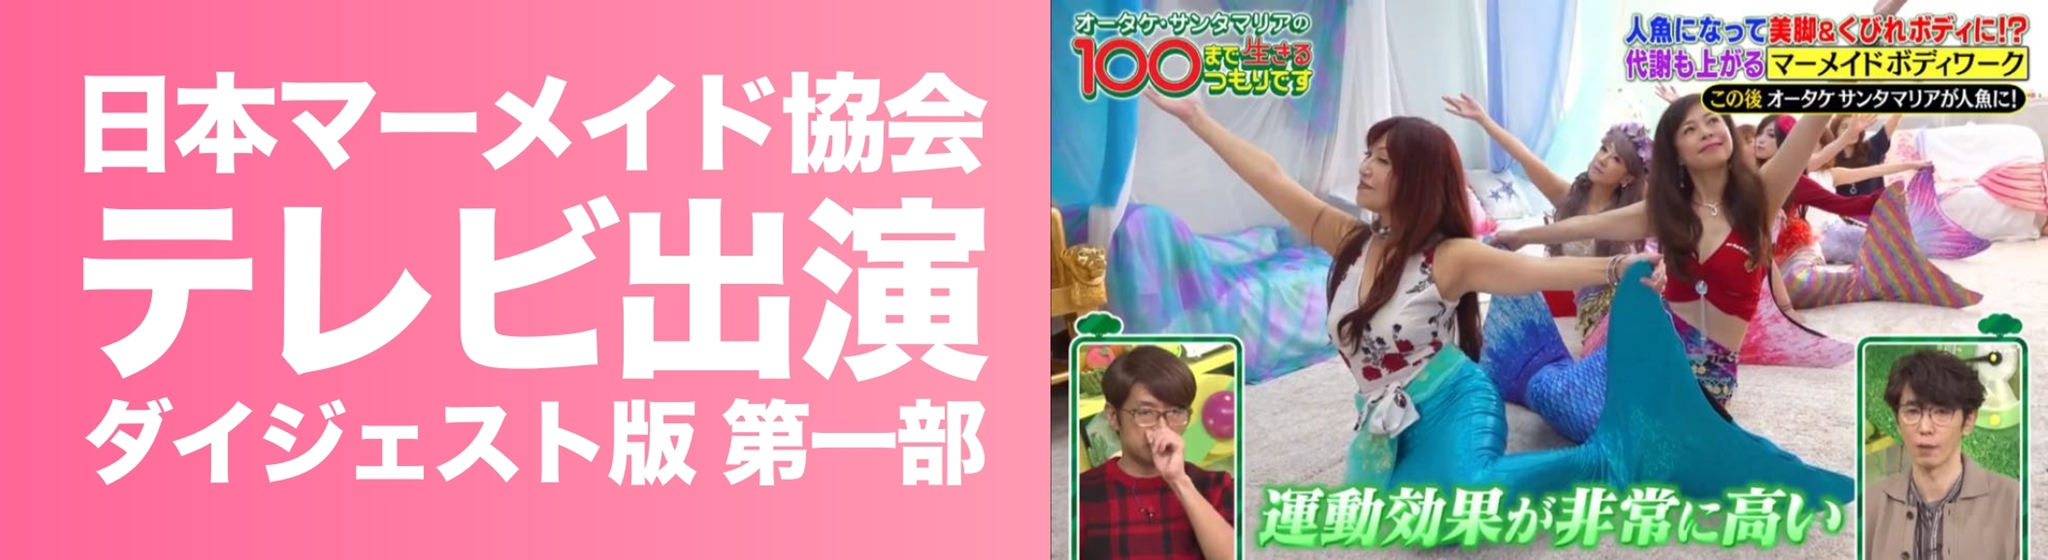 20200323_サイド_テレビ出演_01_380x104_01__x2048